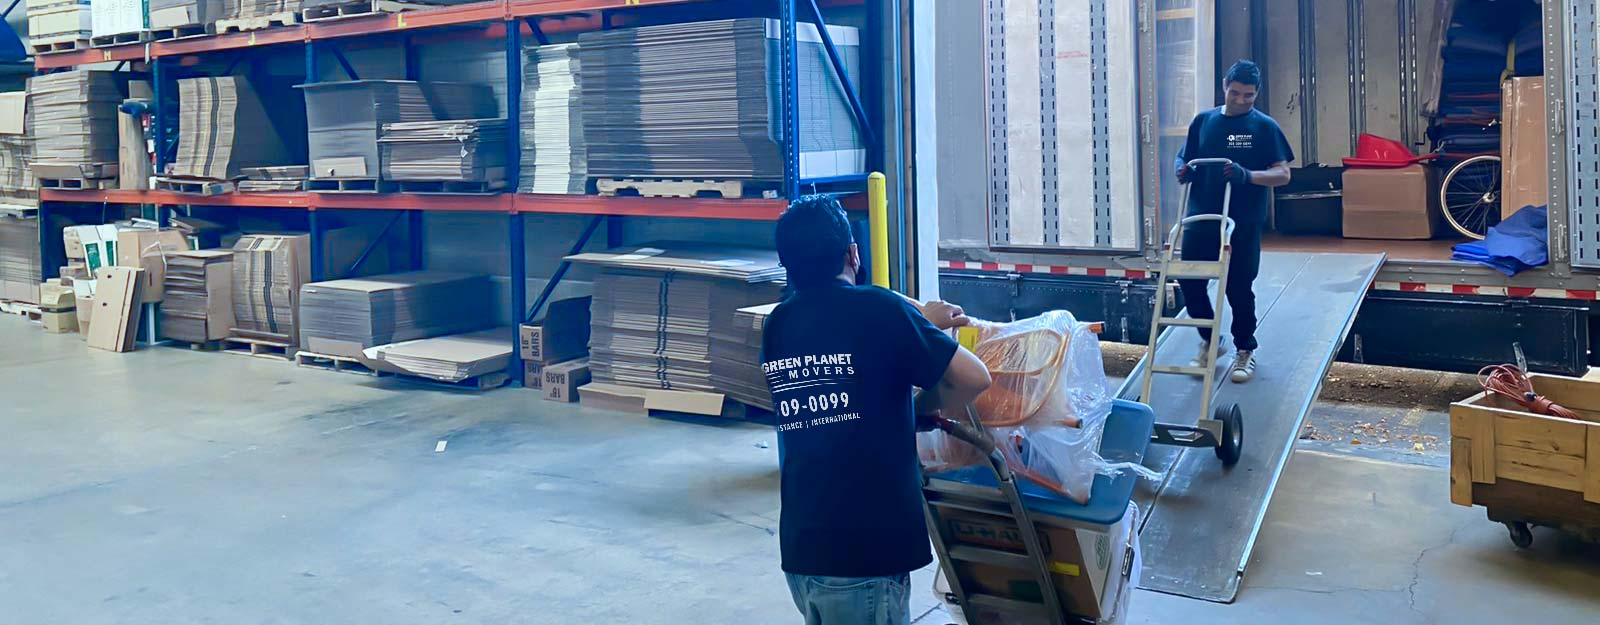 moving storage solutions denver